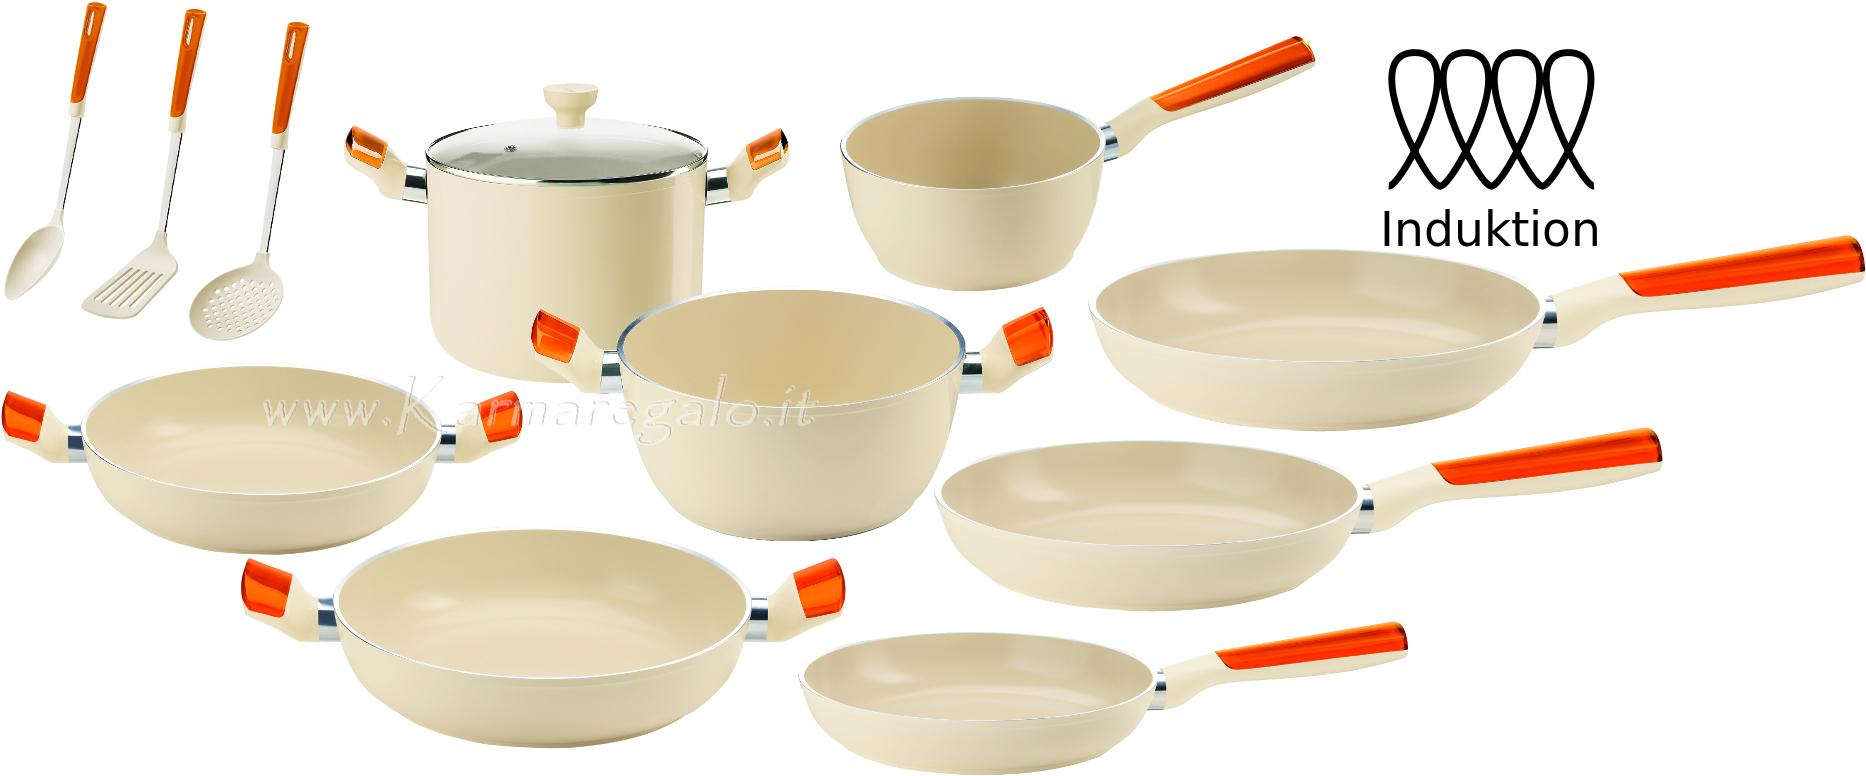 Pentole ceramica induzione tovaglioli di carta - Pentole per cucine a induzione ...